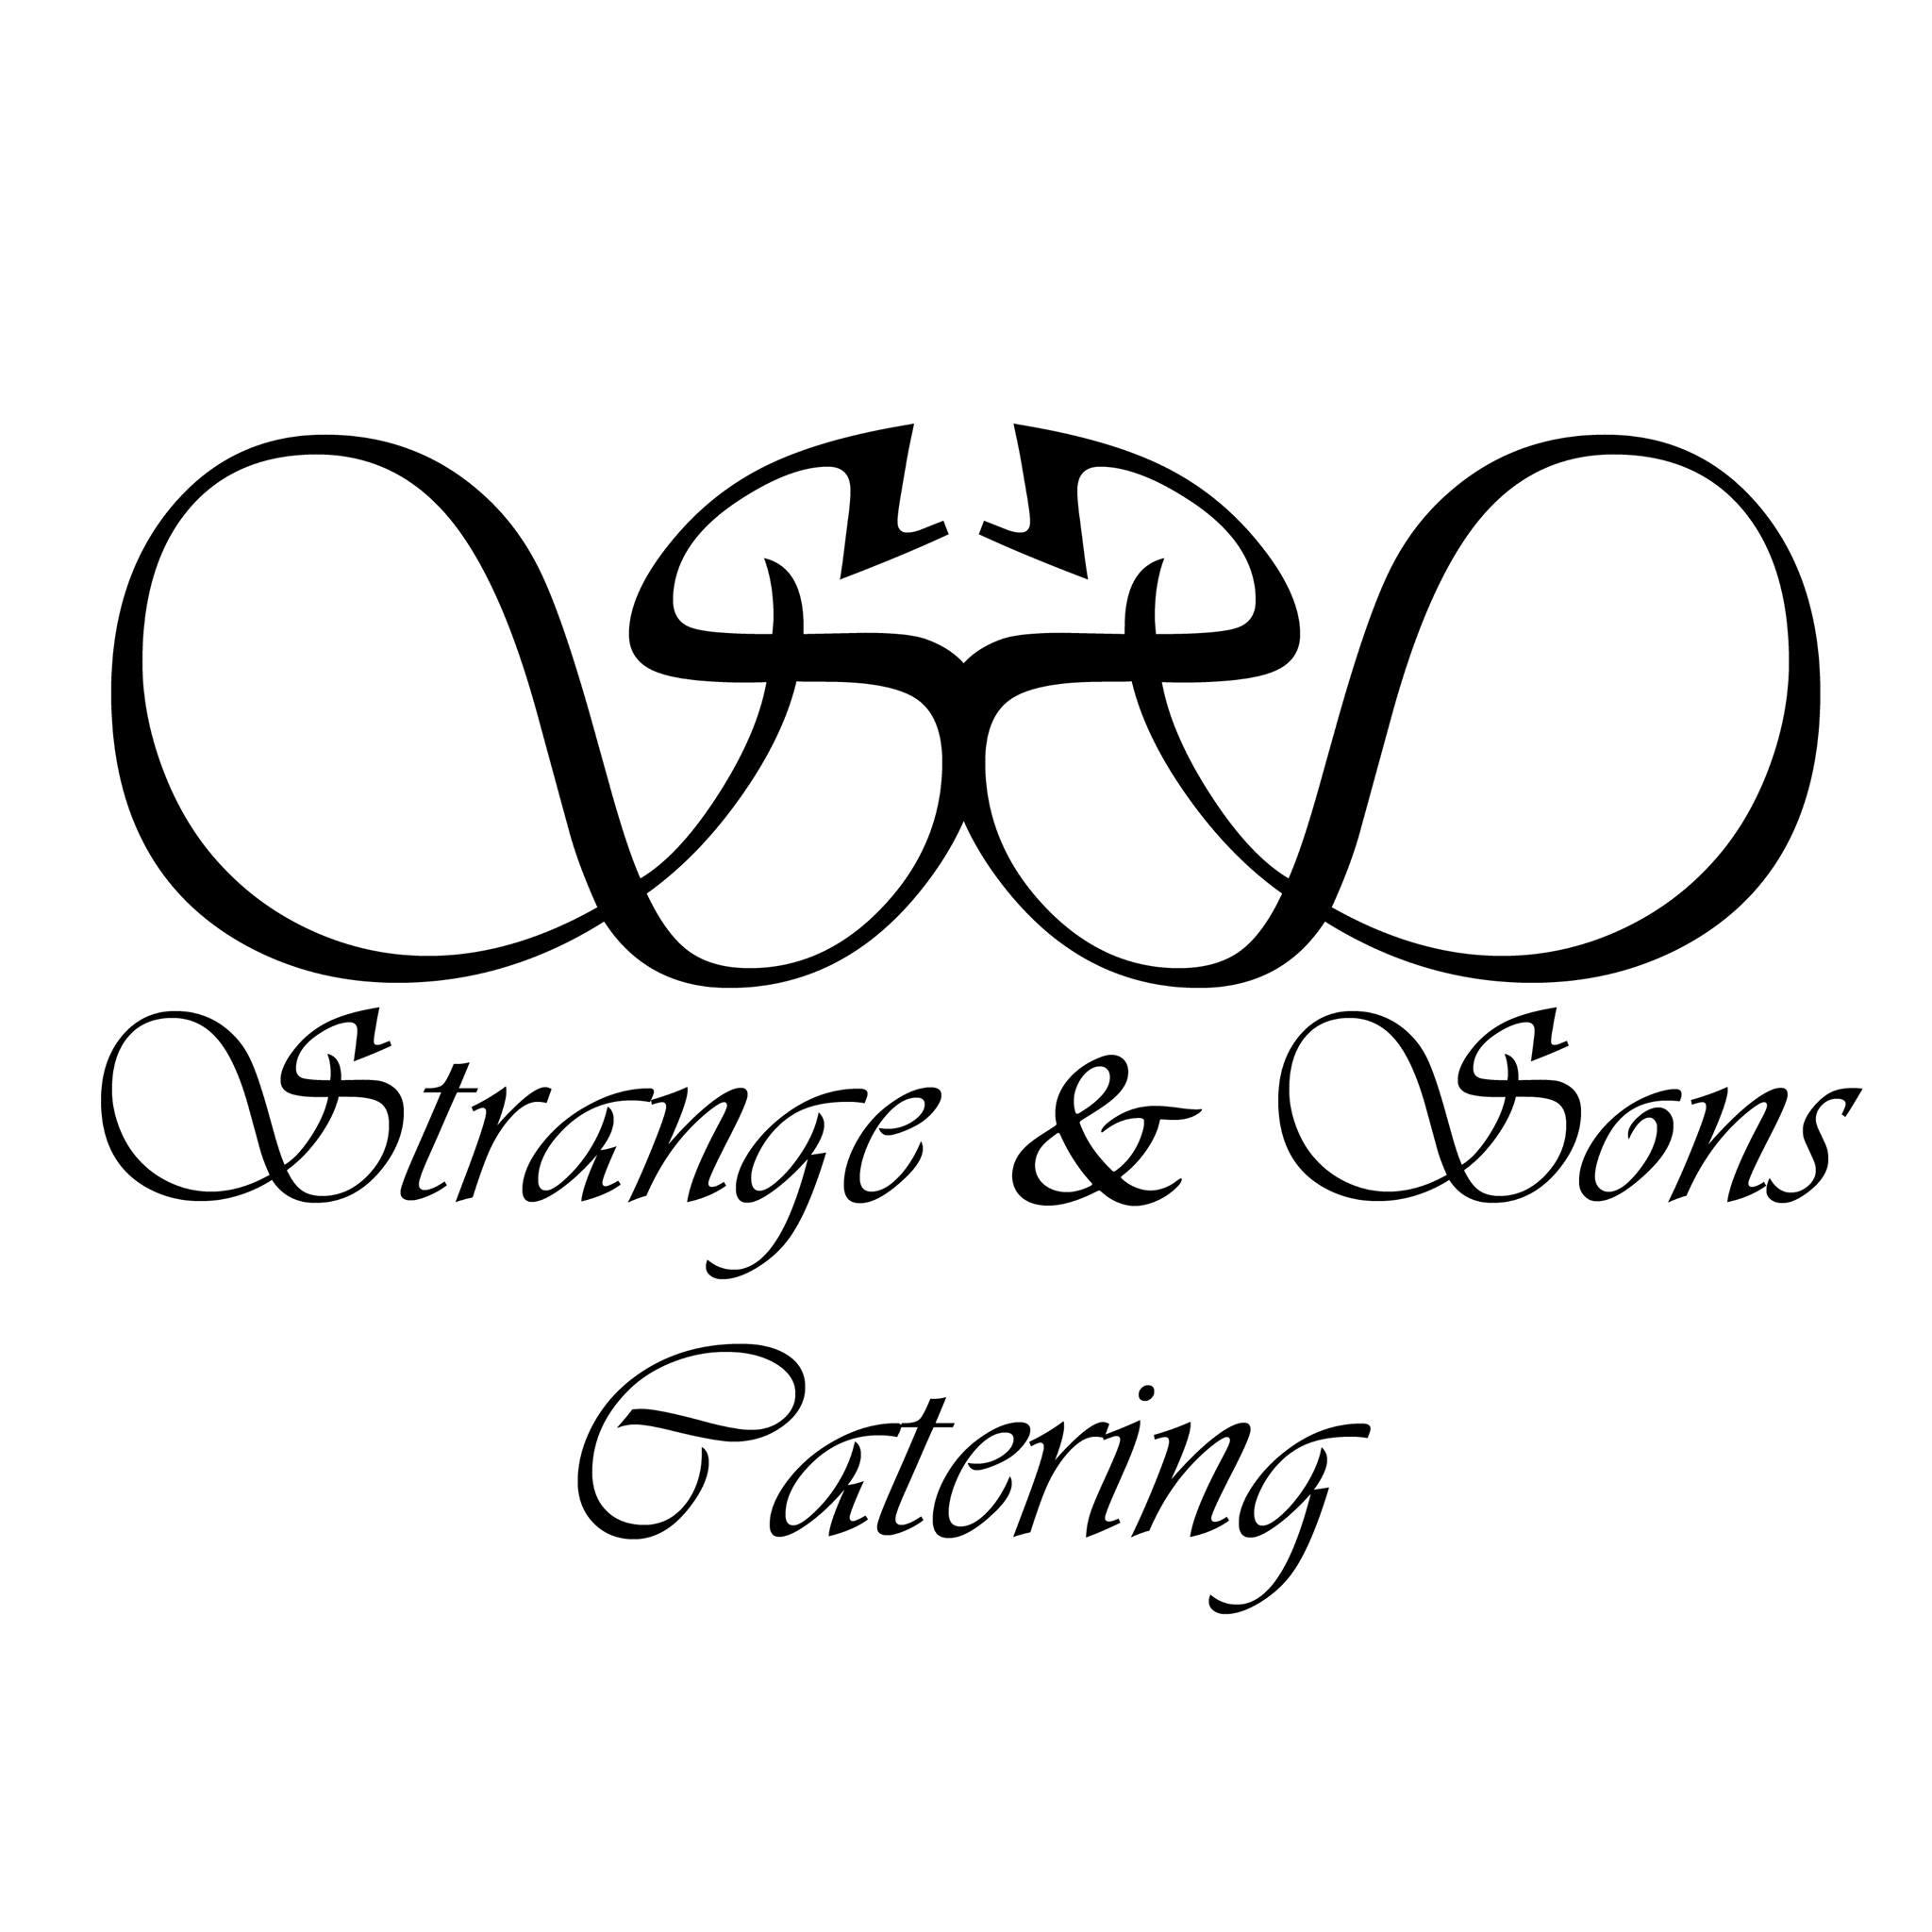 Strange & Sons